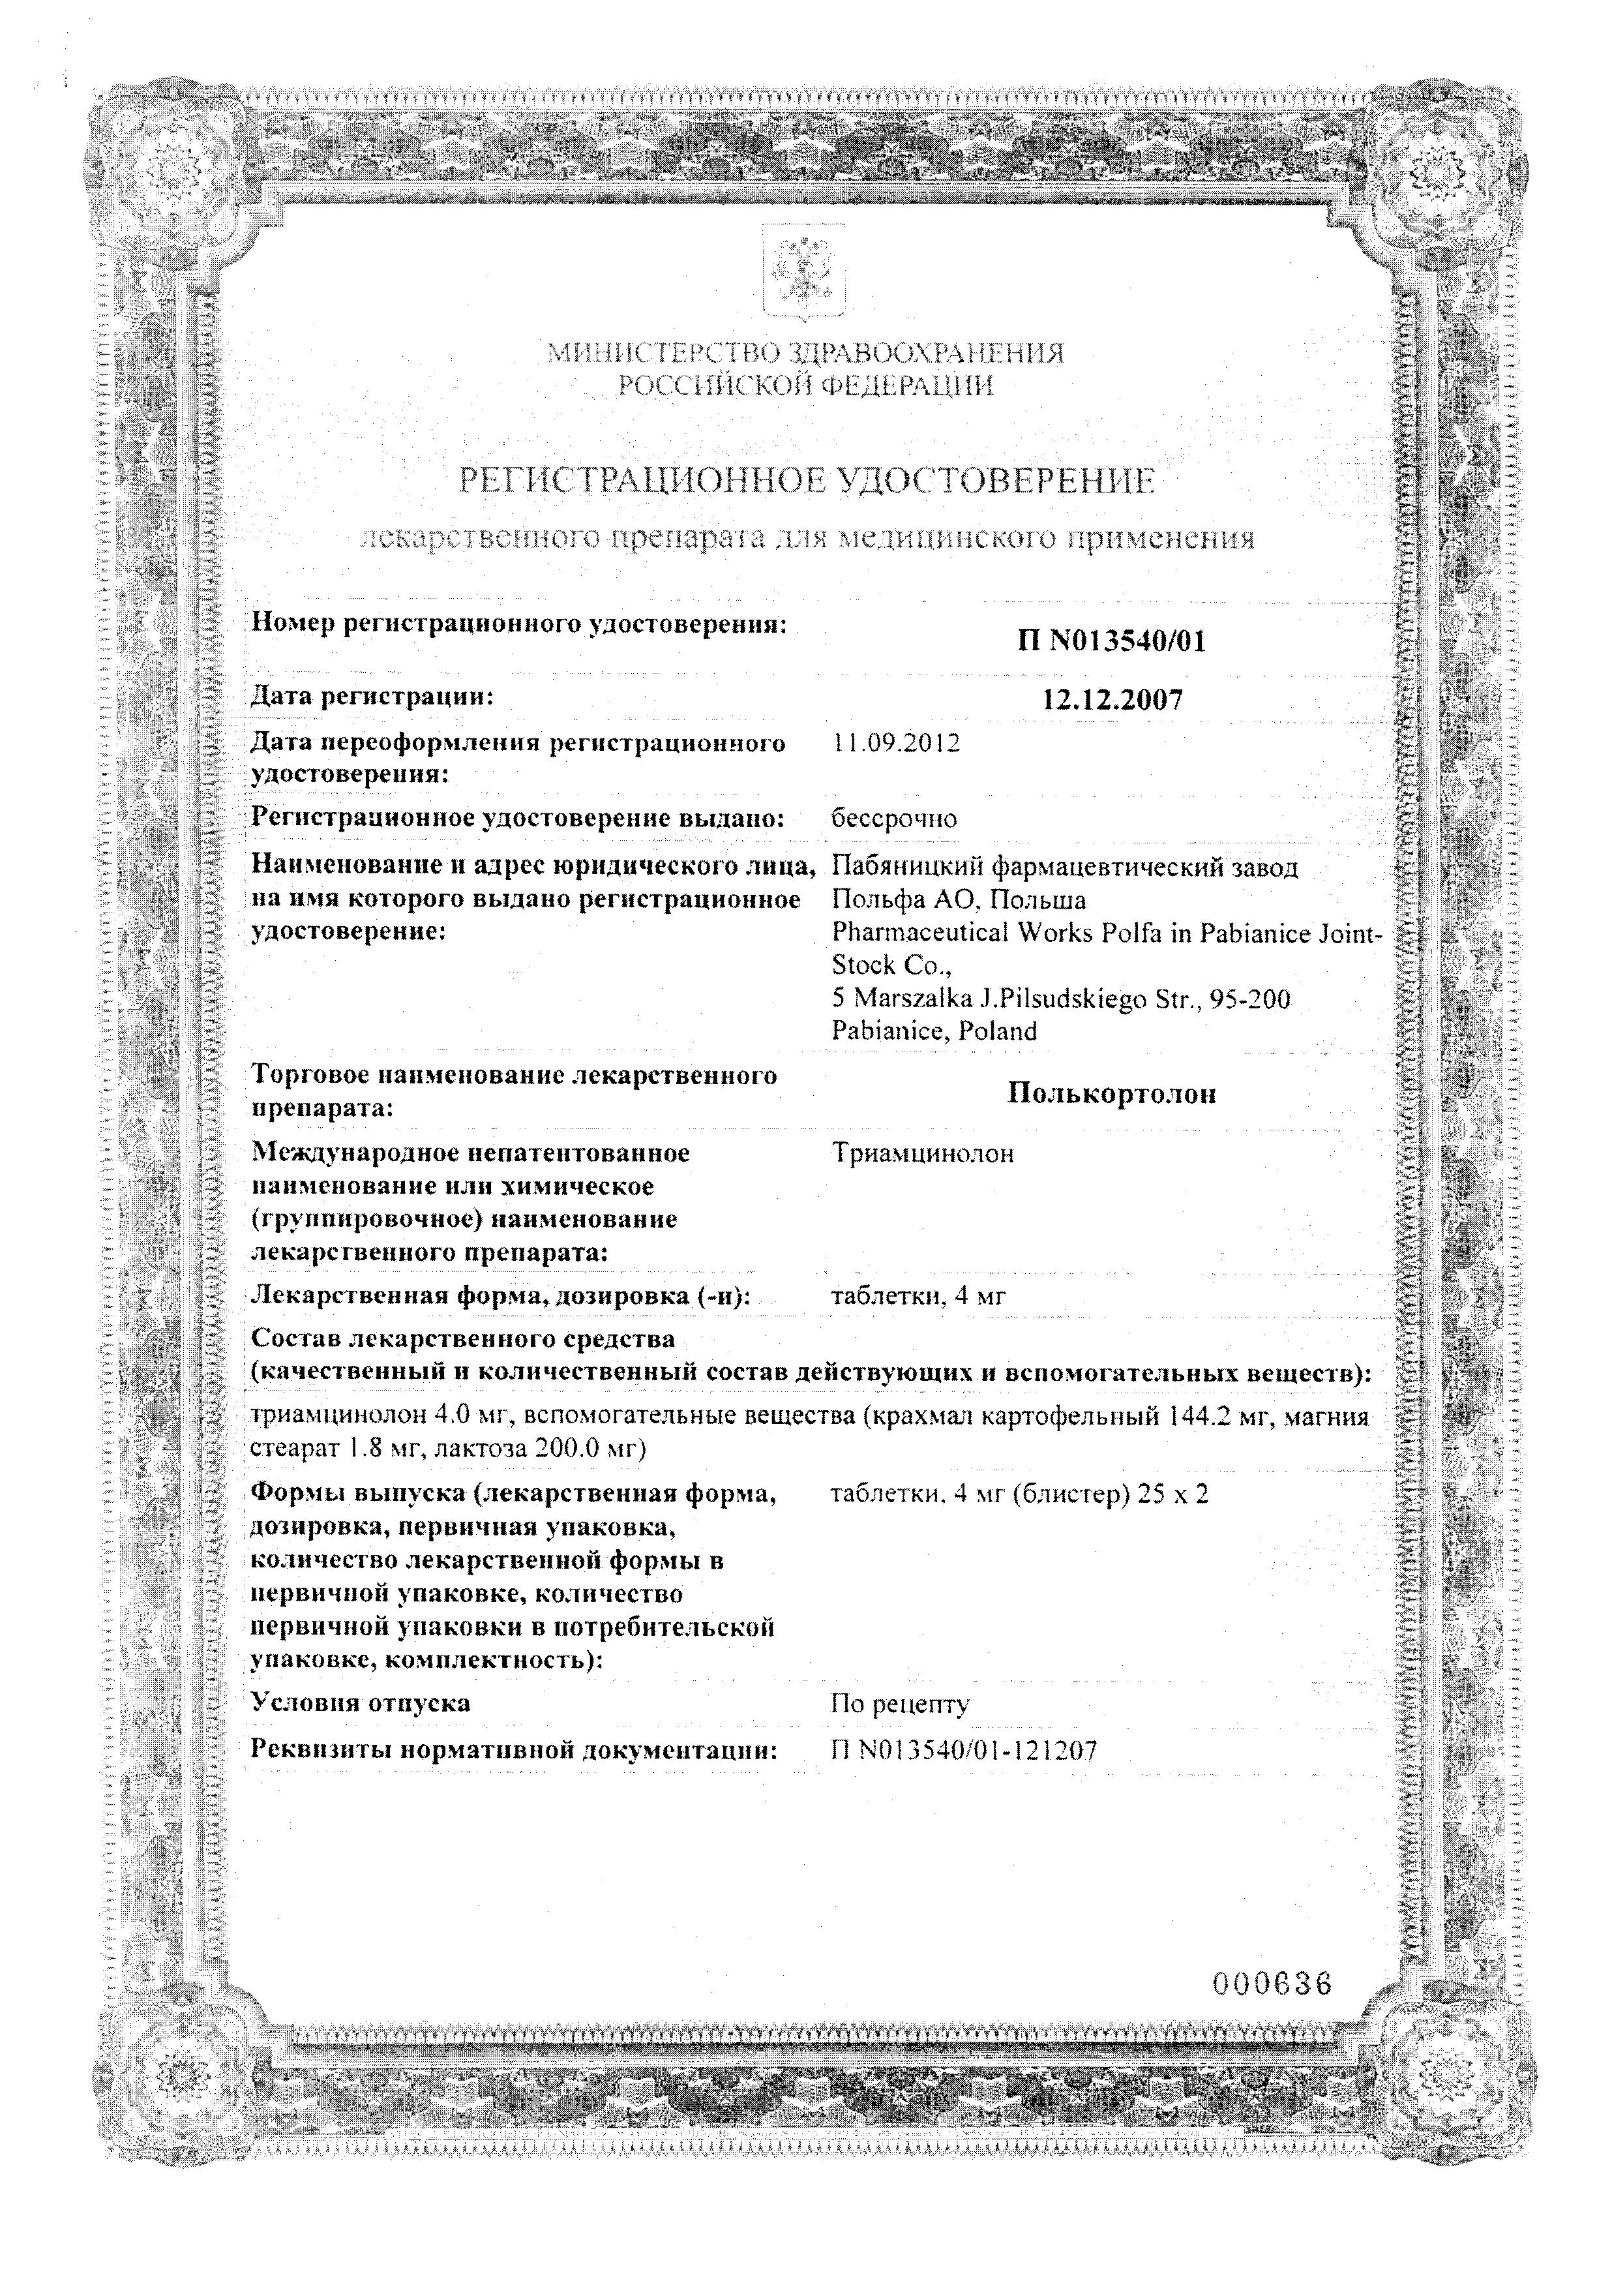 Полькортолон сертификат